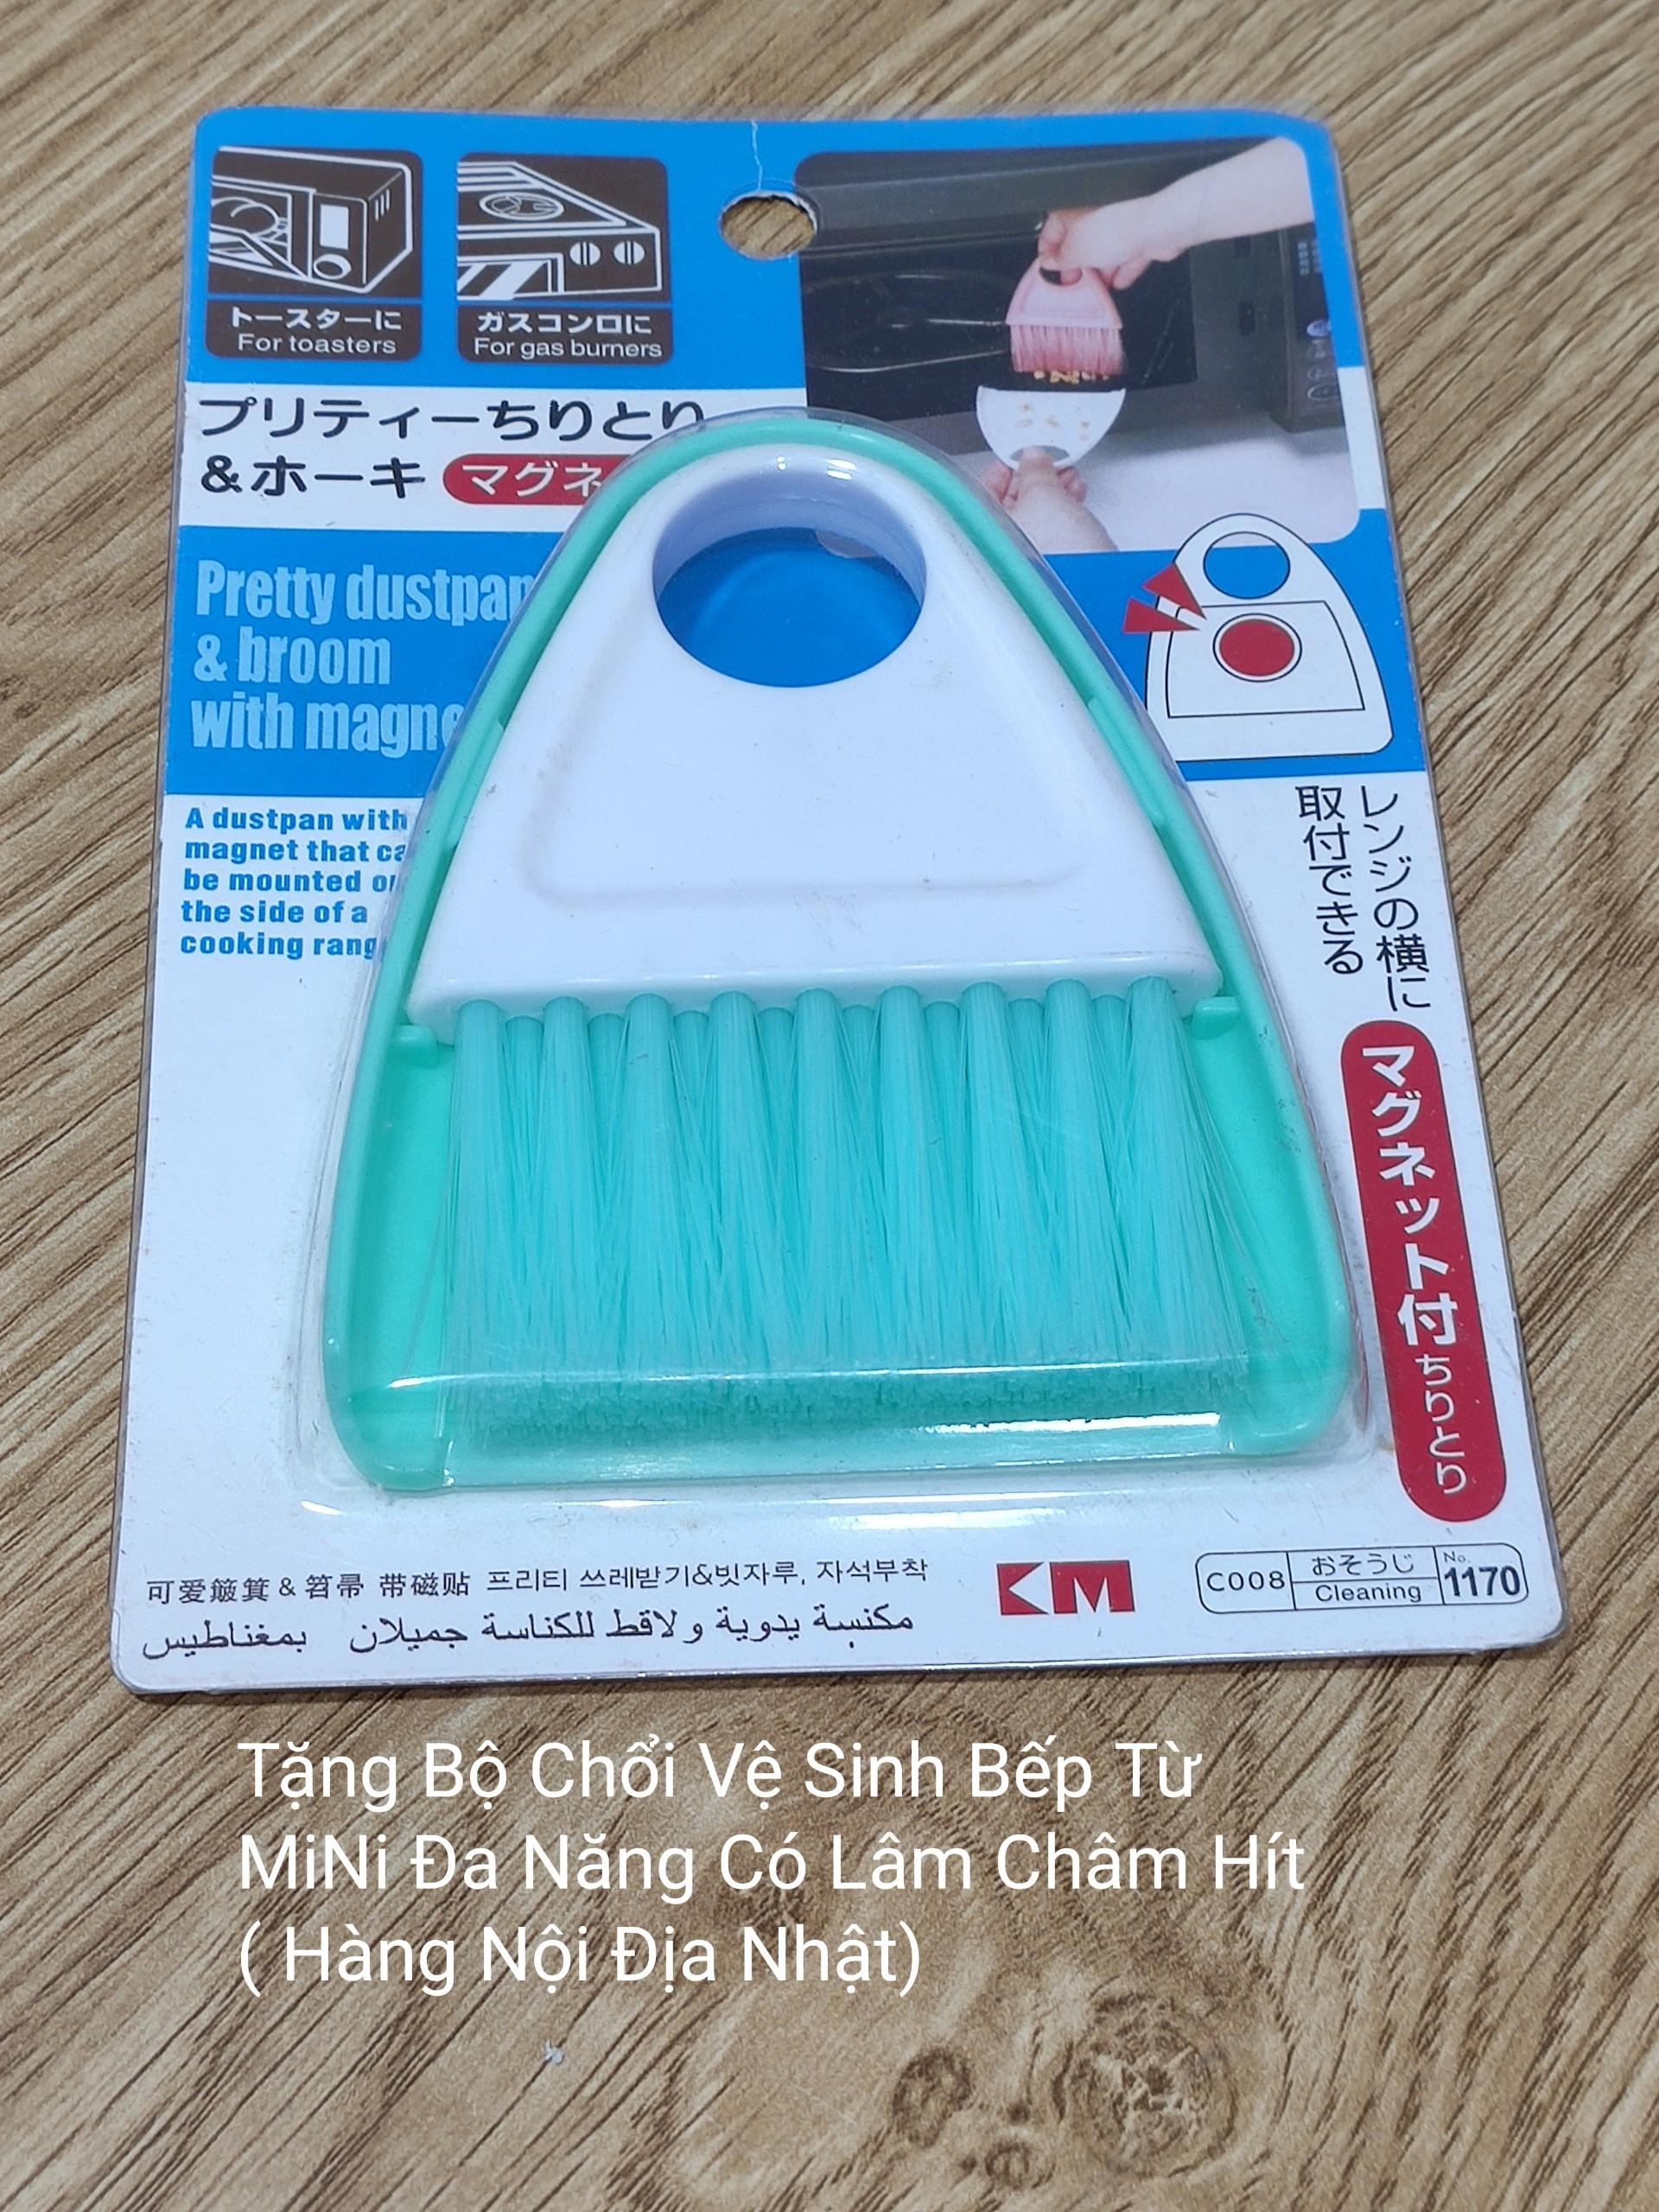 Thùng đựng gạo thông minh tặng bộ chổi vệ sinh bếp có nam châm hít thiết kế dạng nhấn nút, chất liệu ABS cao cấp (giao màu ngẫu nhiên)